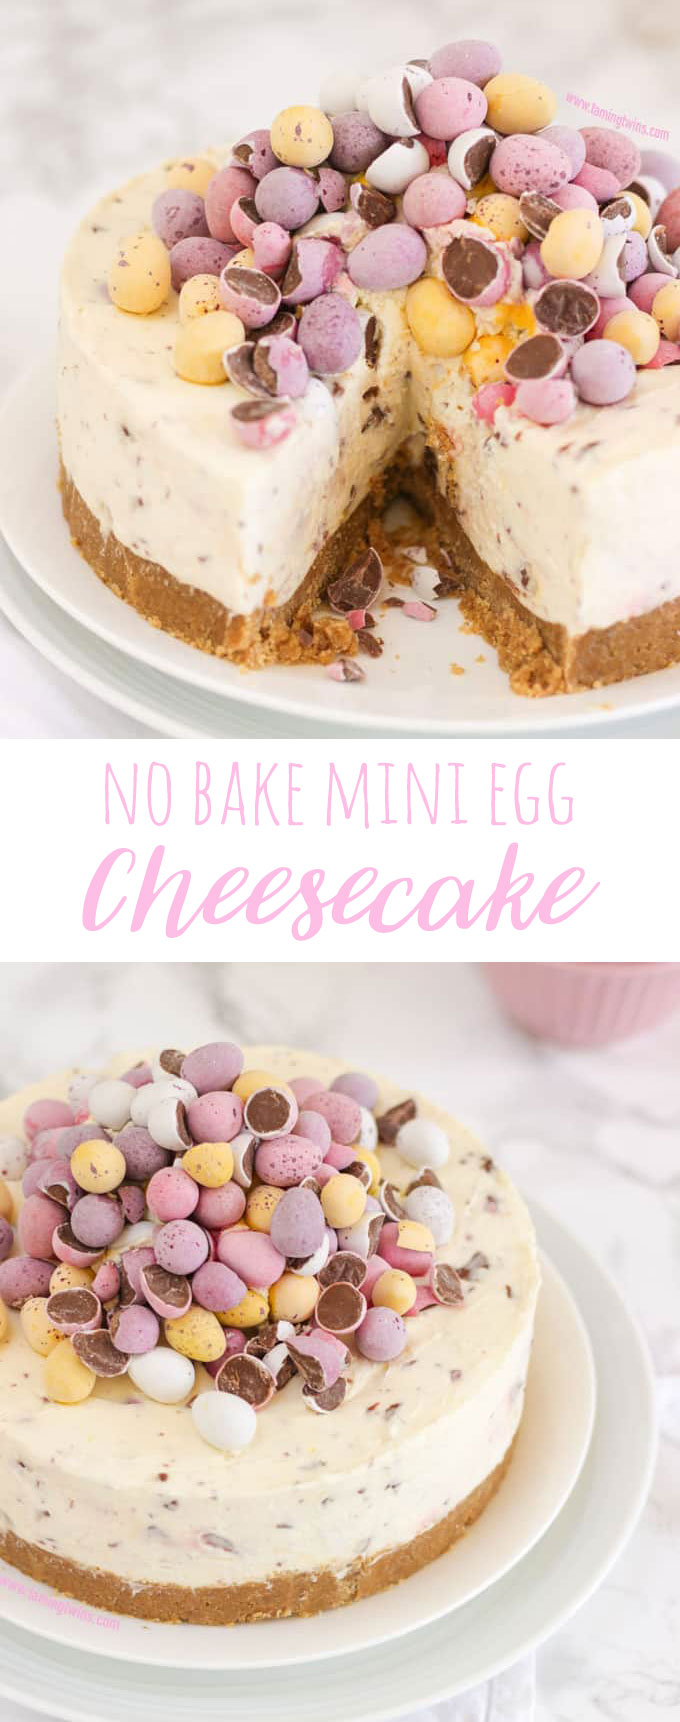 mini-egg-cheesecake-recipe-easter-food.jpg